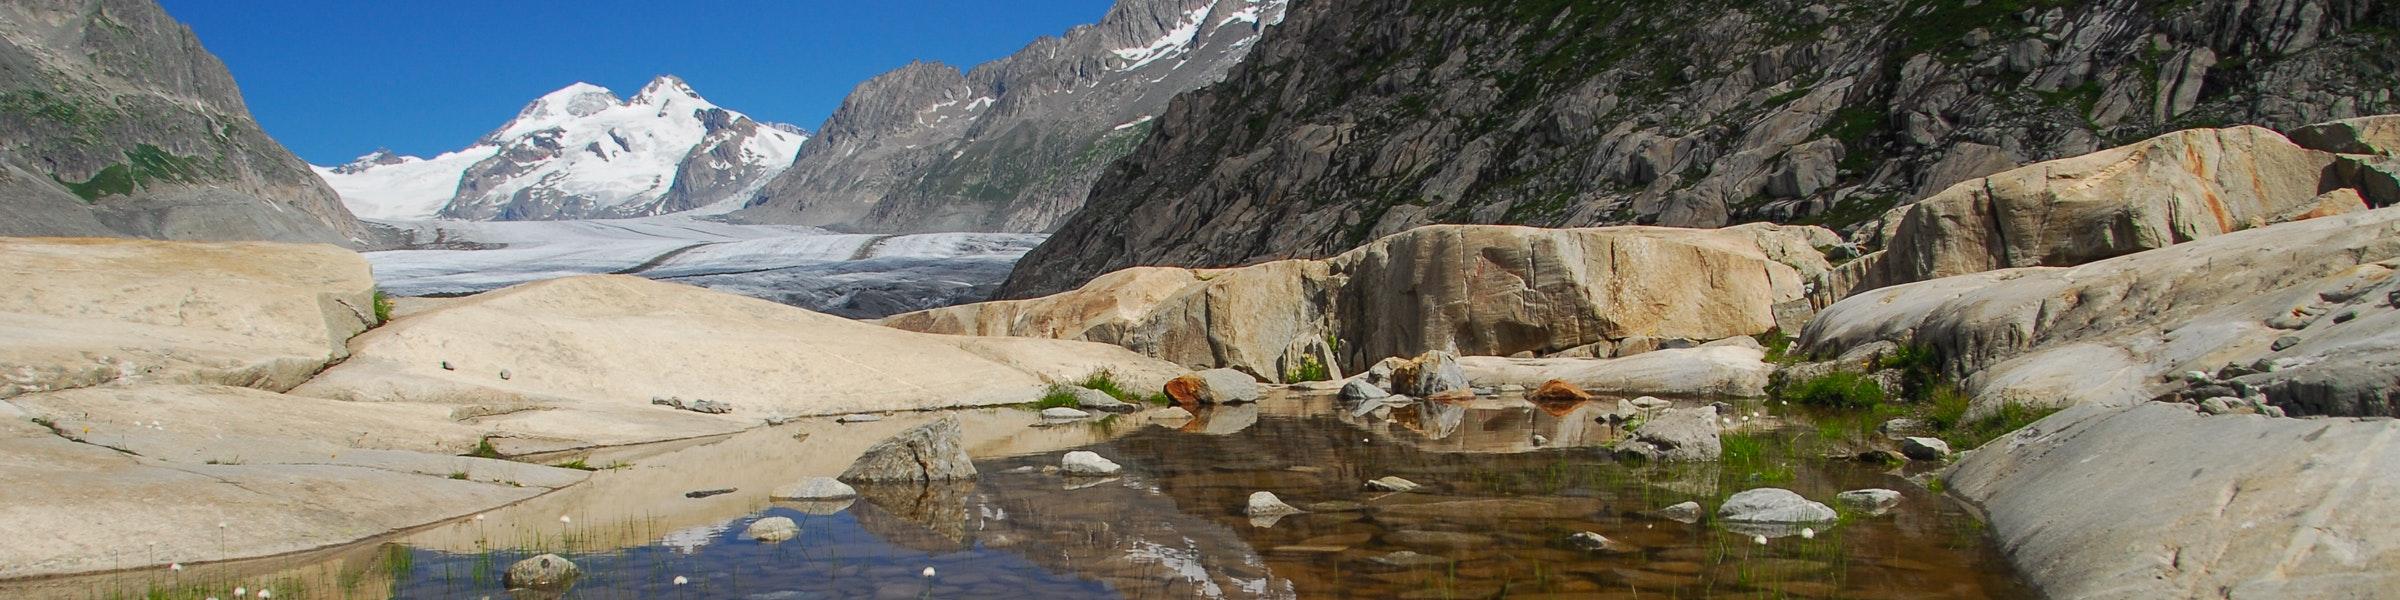 Lakes Aletsch glacier